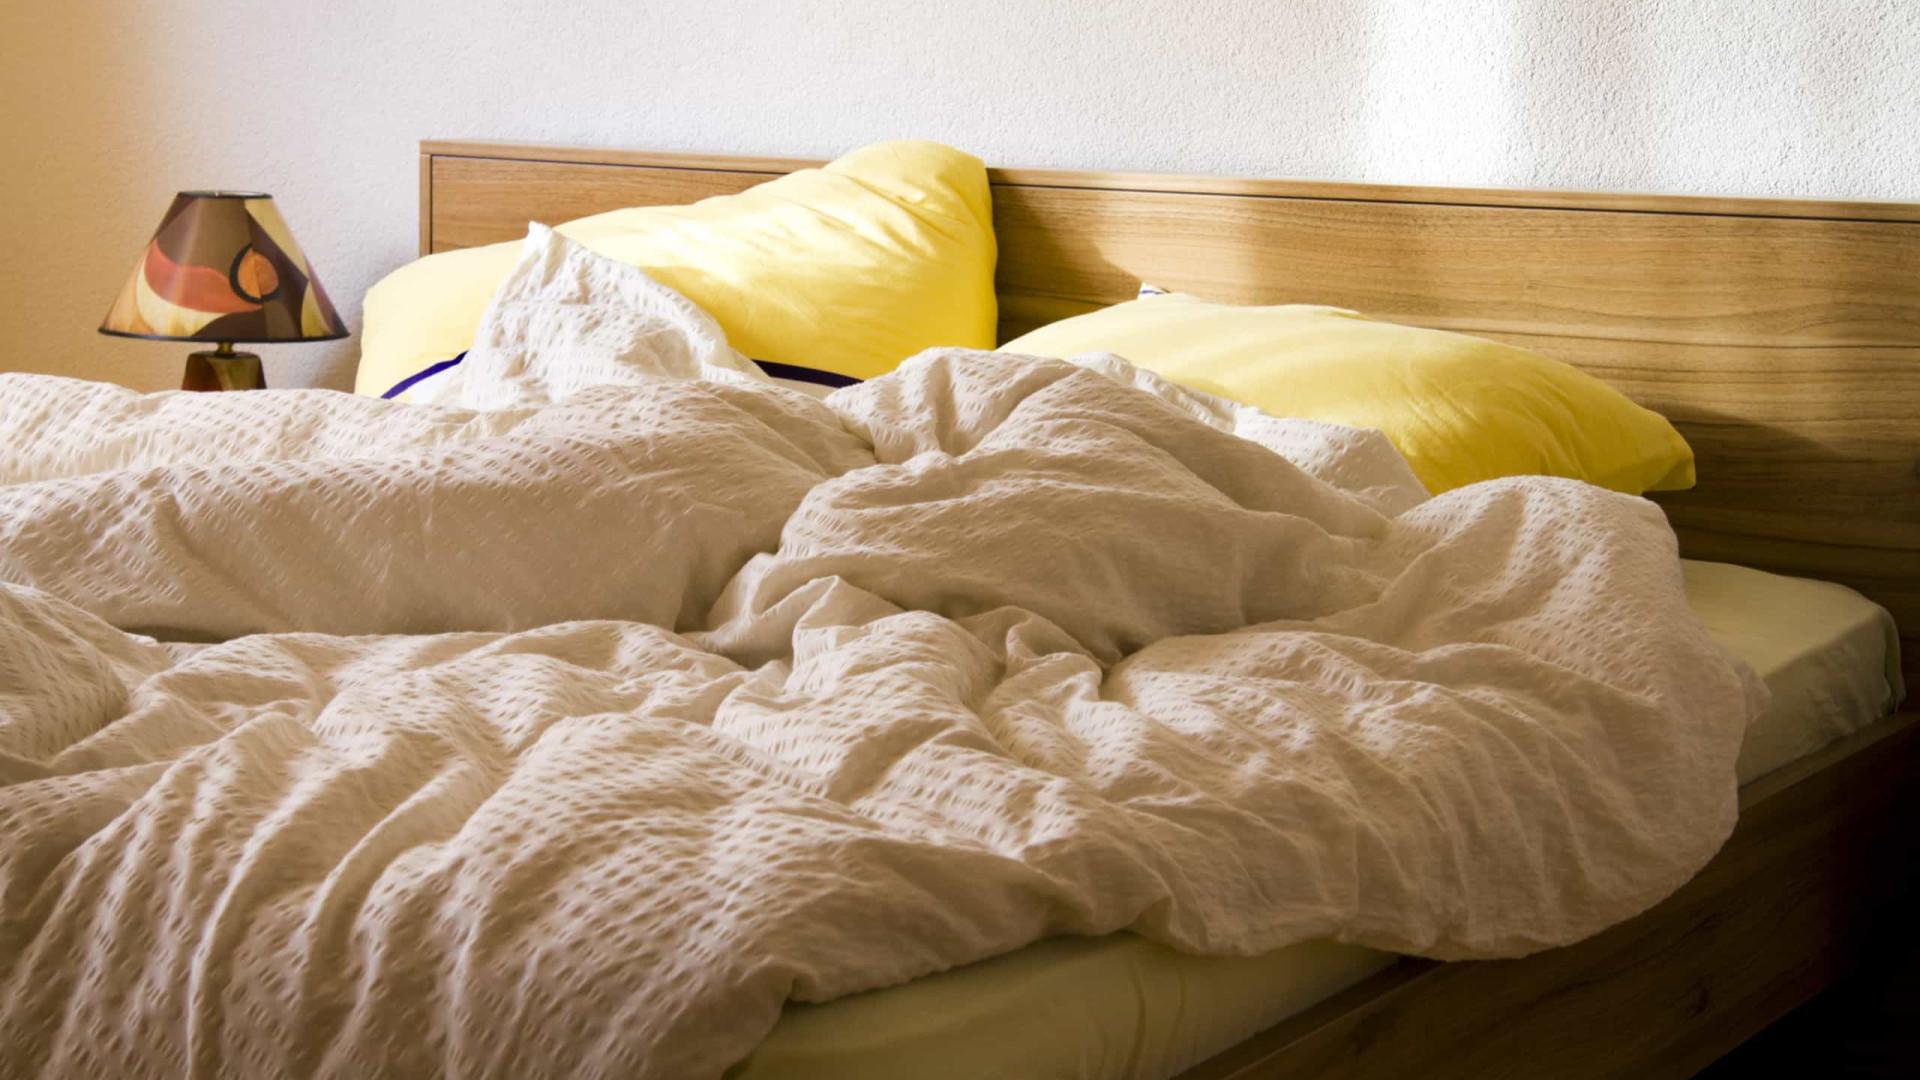 Não fazer a cama faz bem à saúde. A ciência explica